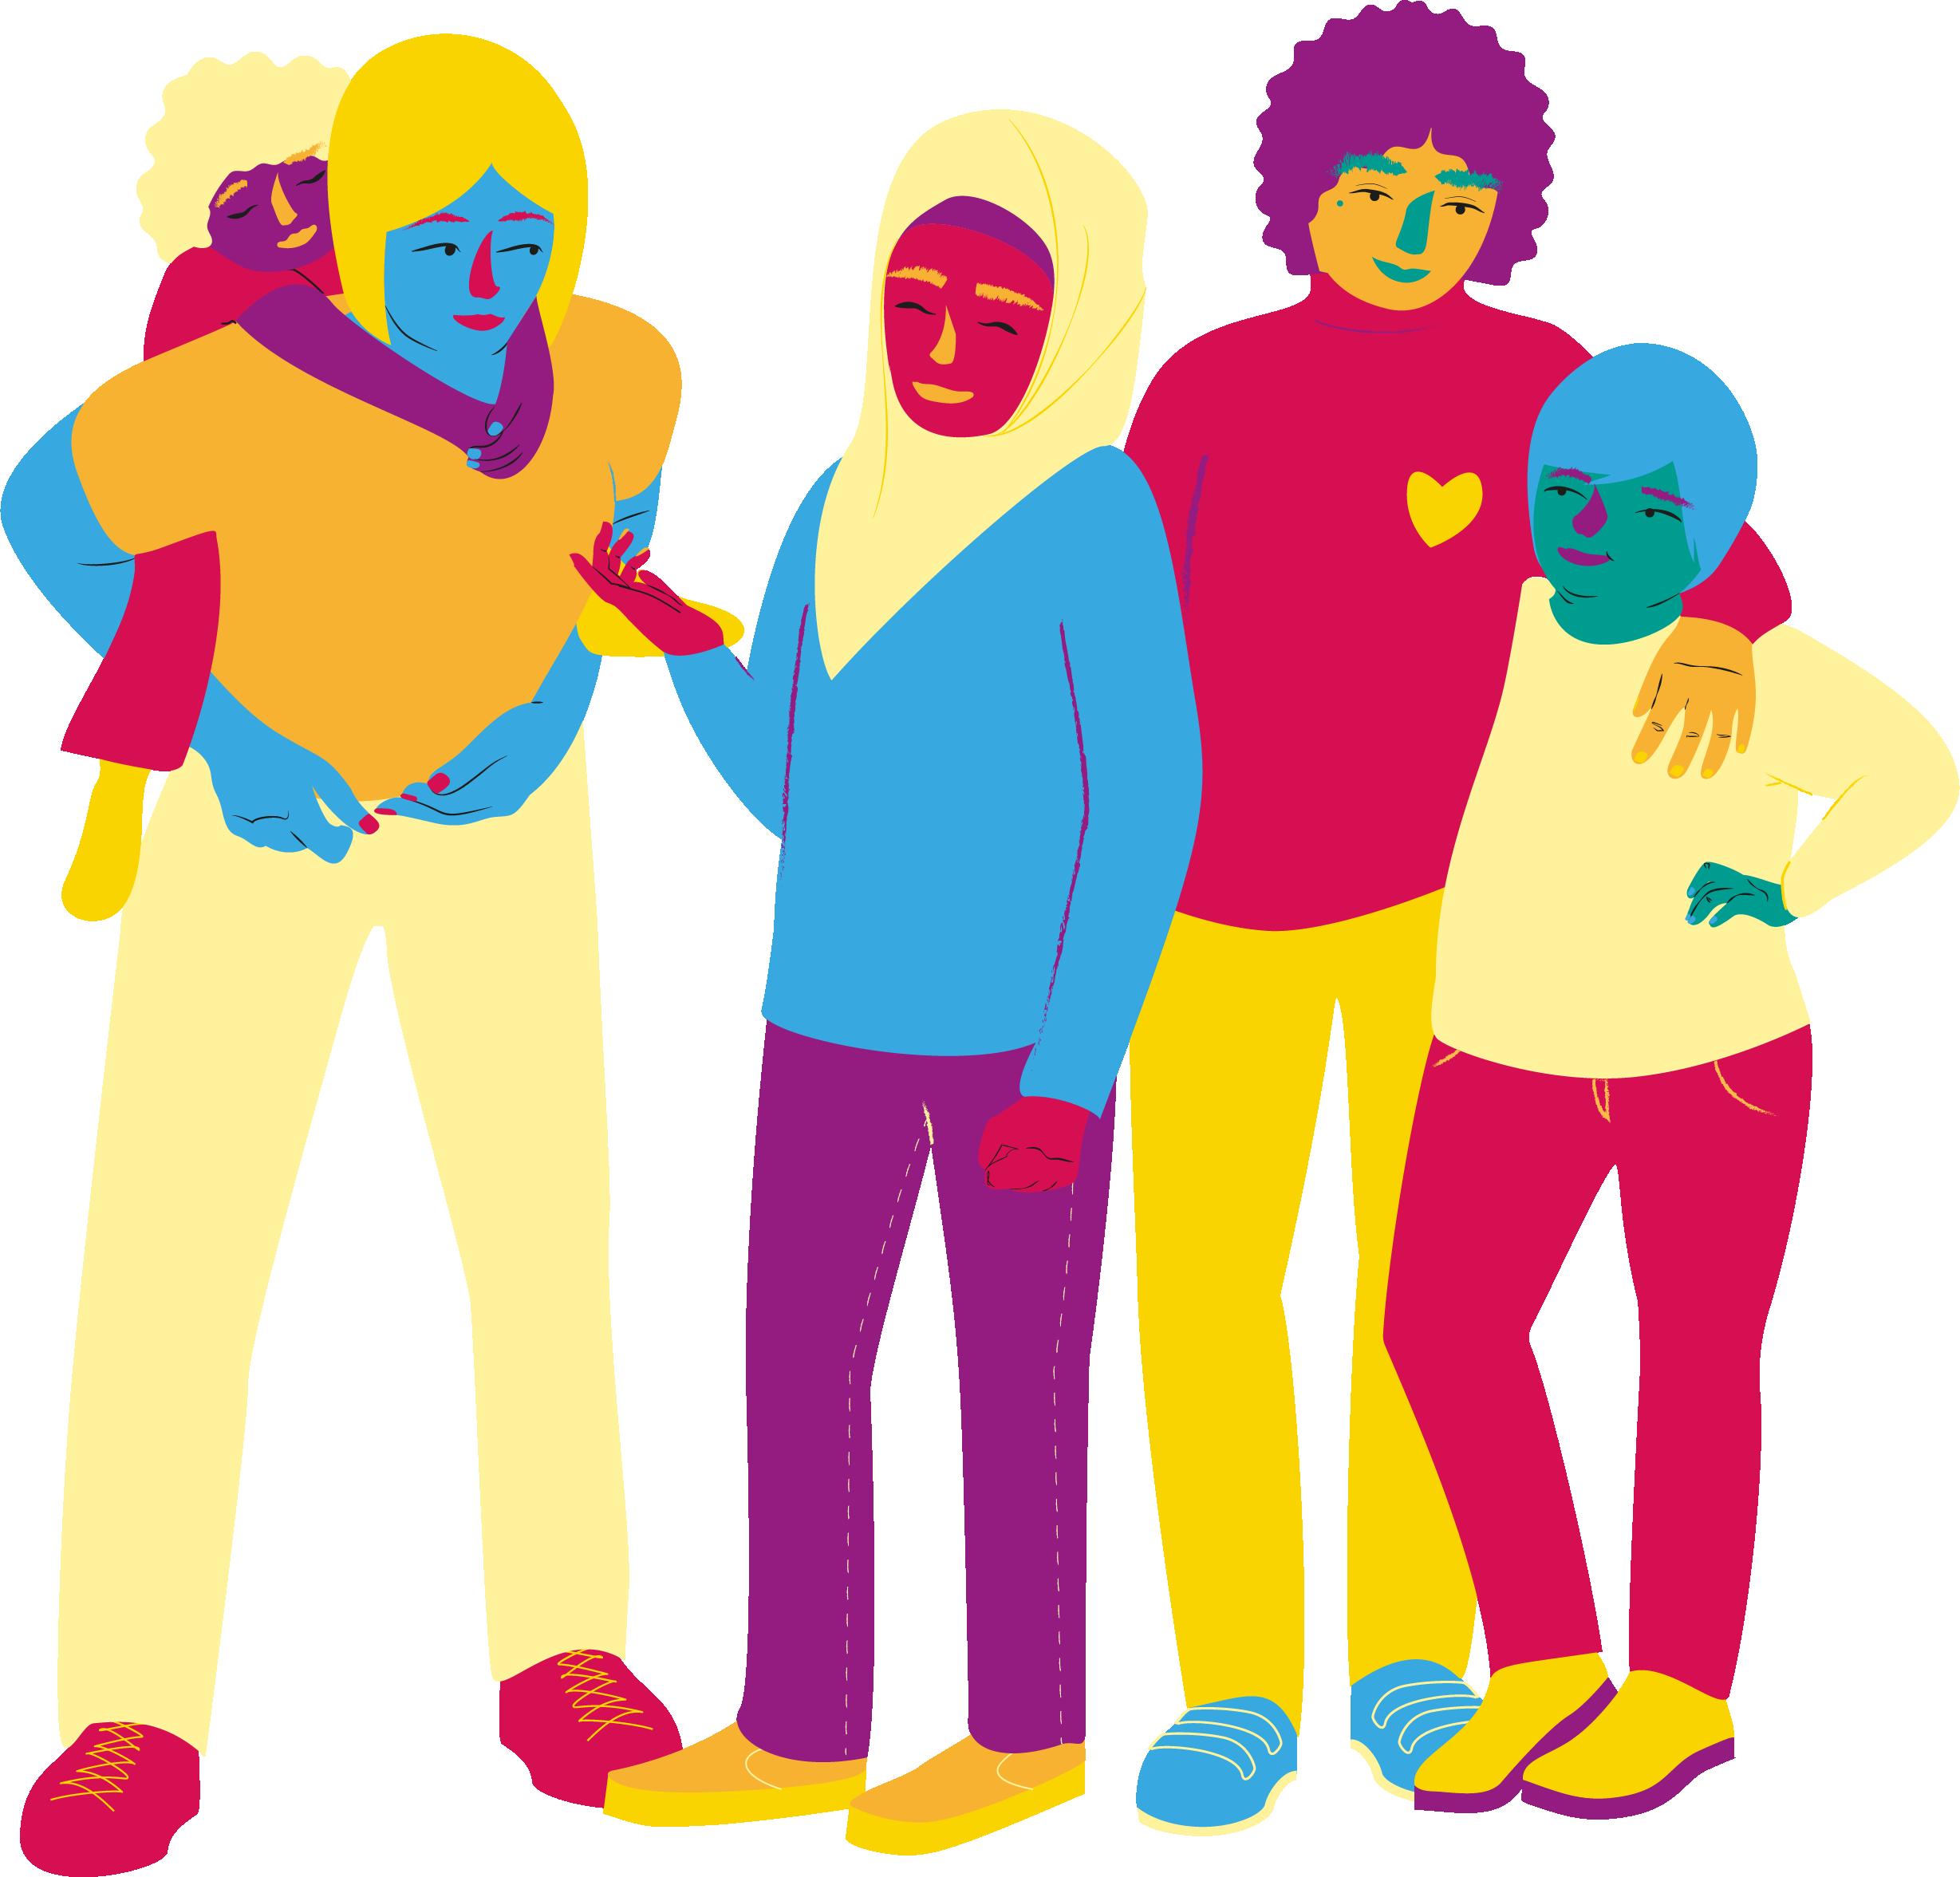 färgglad illustration av ett antal vuxna och barn